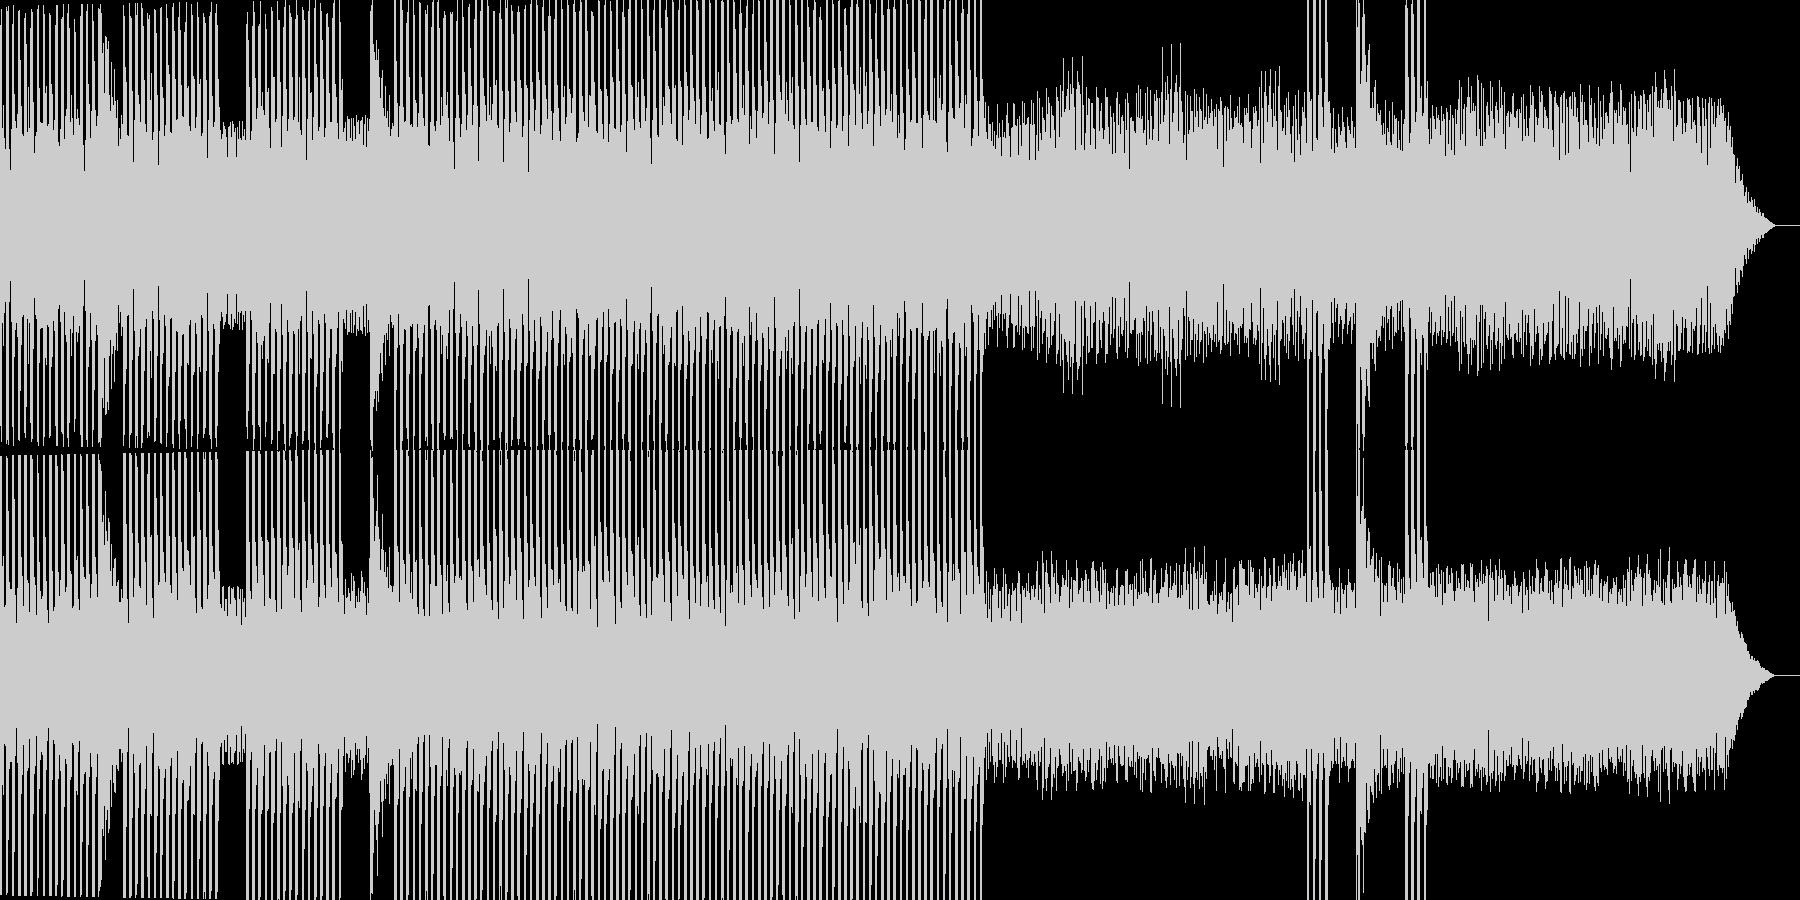 シンプルで静寂なテクノサウンドですの未再生の波形